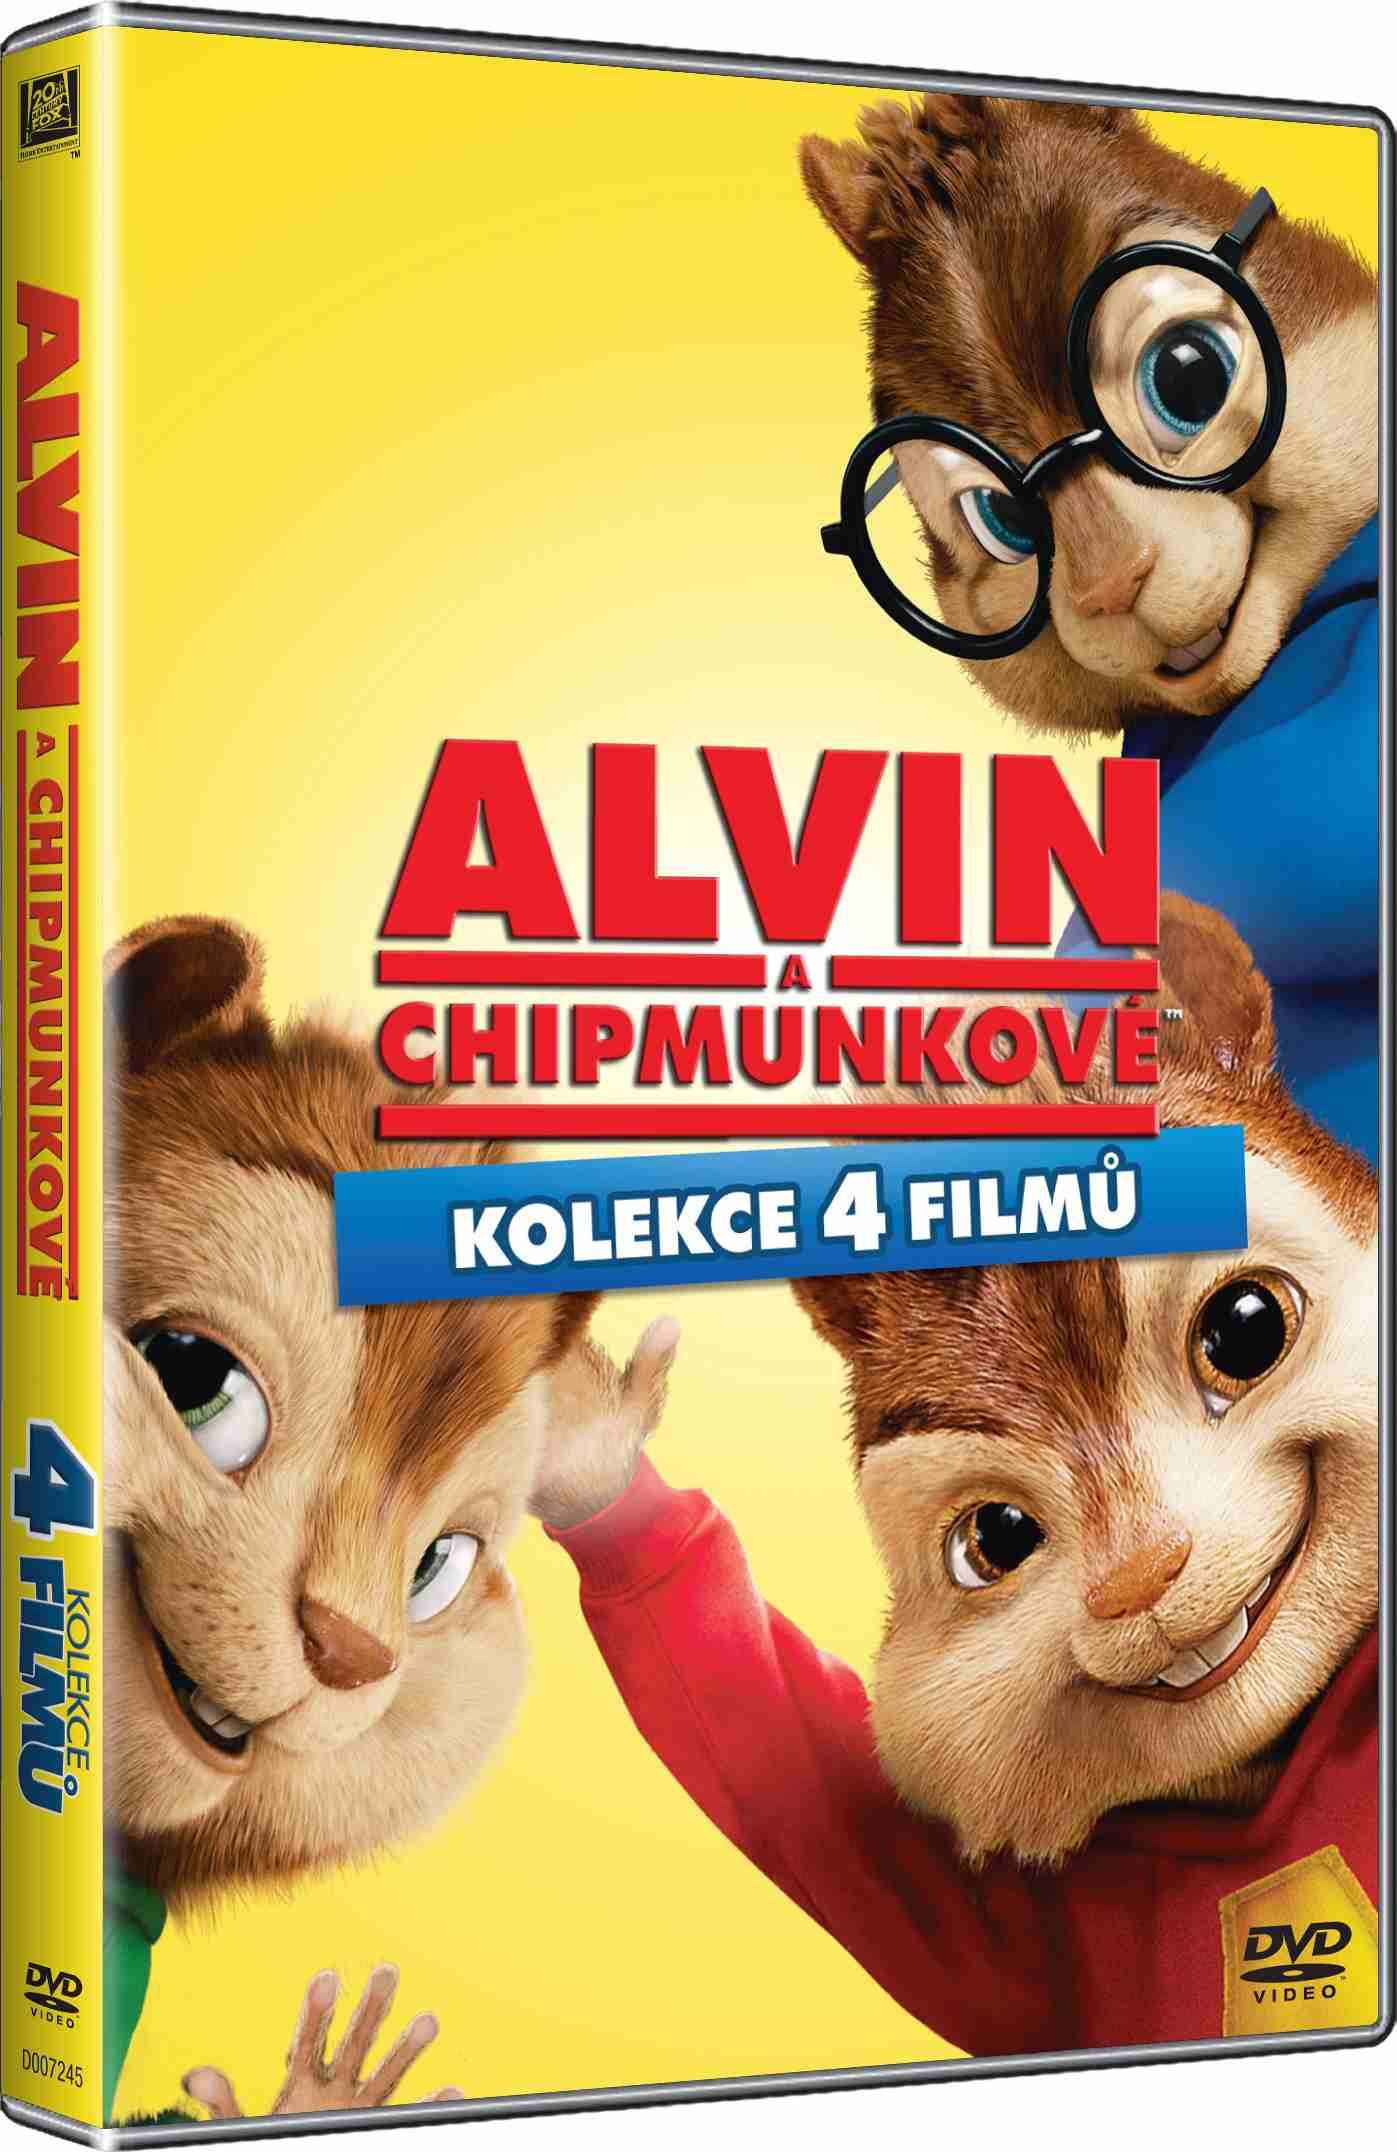 ALVIN A CHIPMUNKOVÉ 1-4 KOLEKCE - 4 DVD